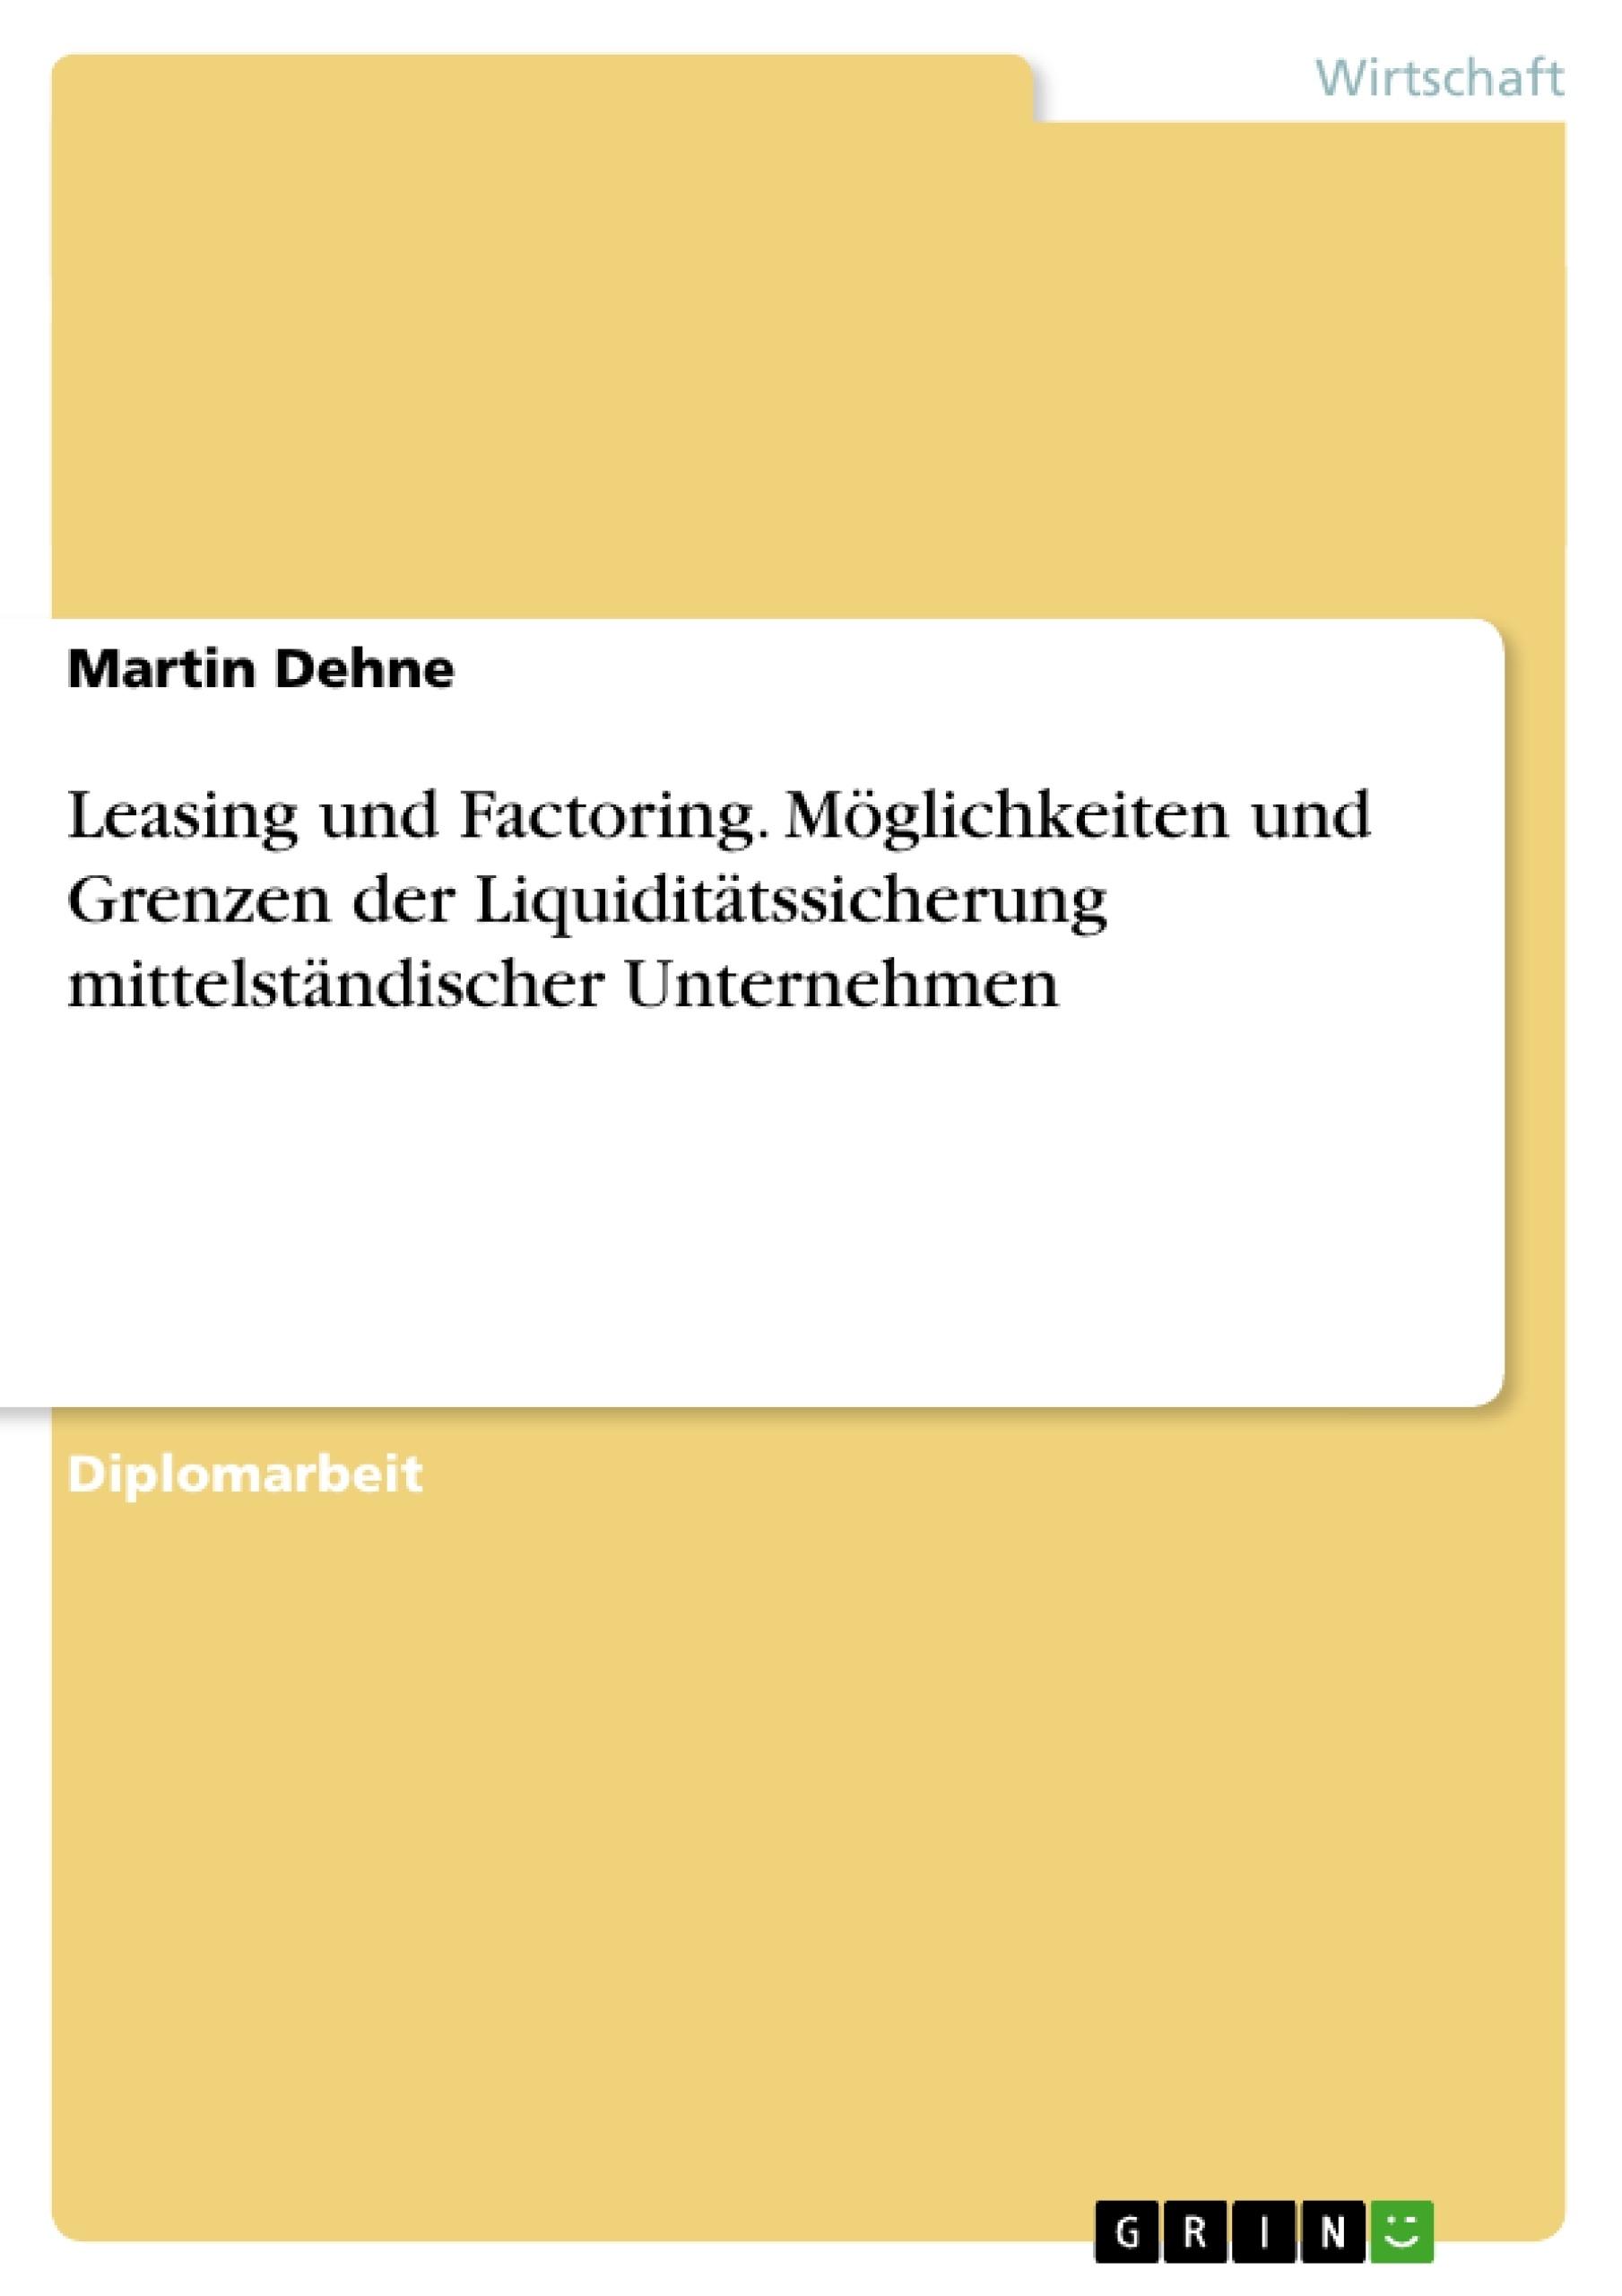 Titel: Leasing und Factoring. Möglichkeiten und Grenzen der Liquiditätssicherung mittelständischer Unternehmen